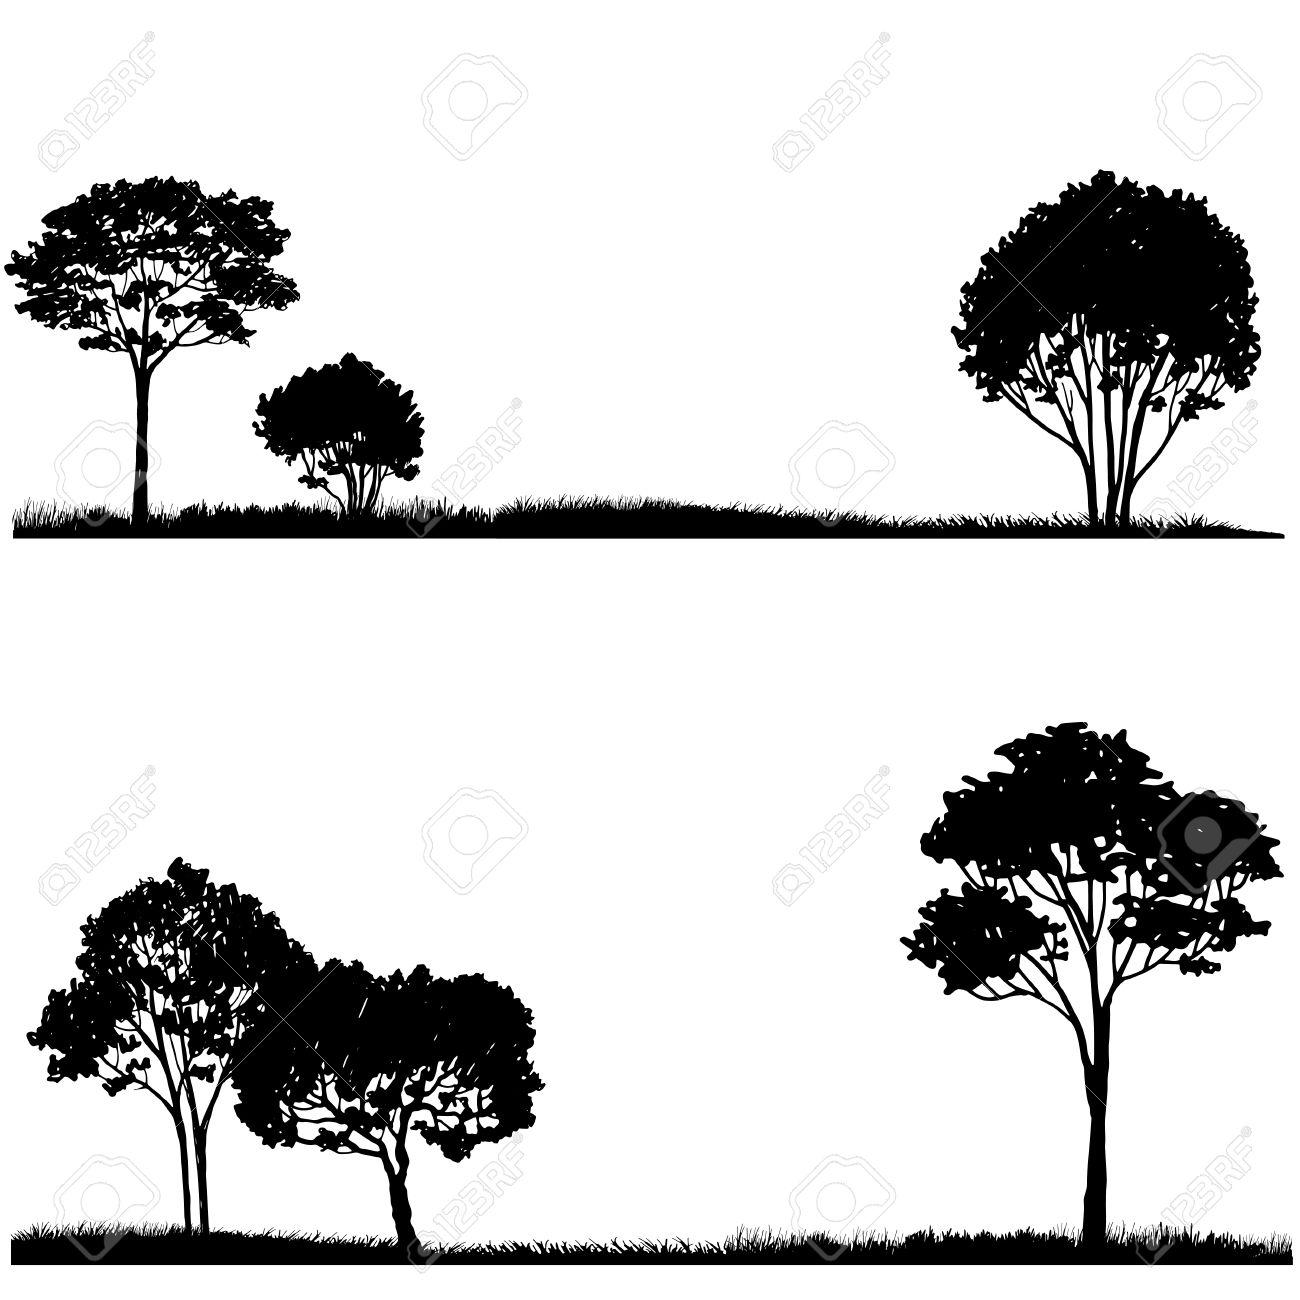 Silueta De árbol Y La Hierba, Plantilla Paisajes, Dibujado A Mano ...